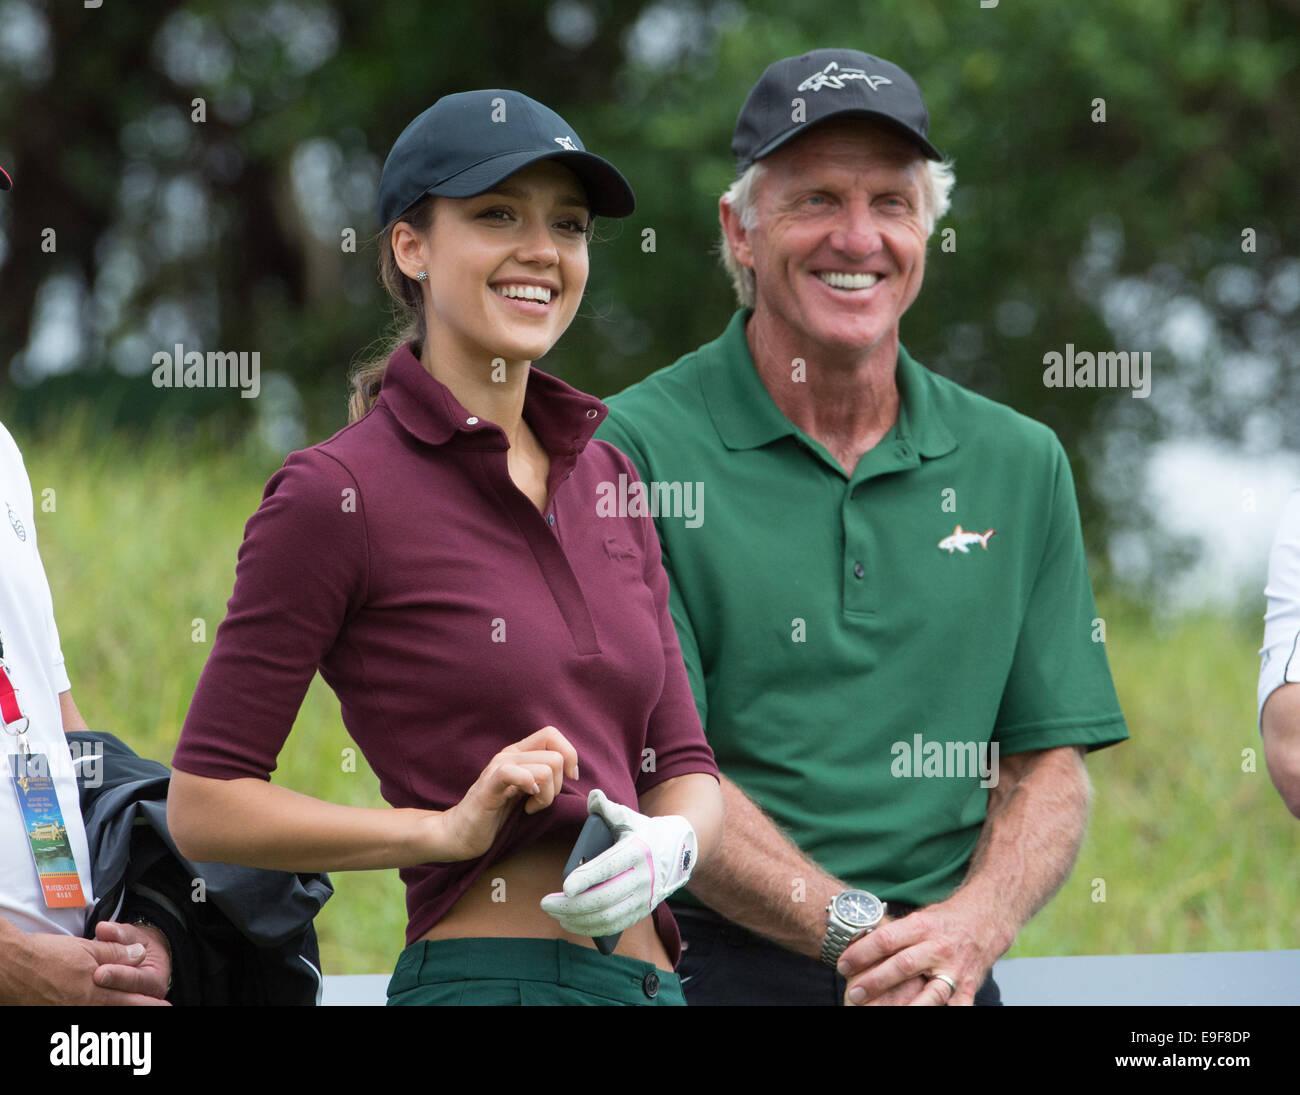 Haikou, Chine. 26Th Oct, 2014. Hollywood star Jessica Alba met sur une bonne partie de golf avec son entraîneur Photo Stock